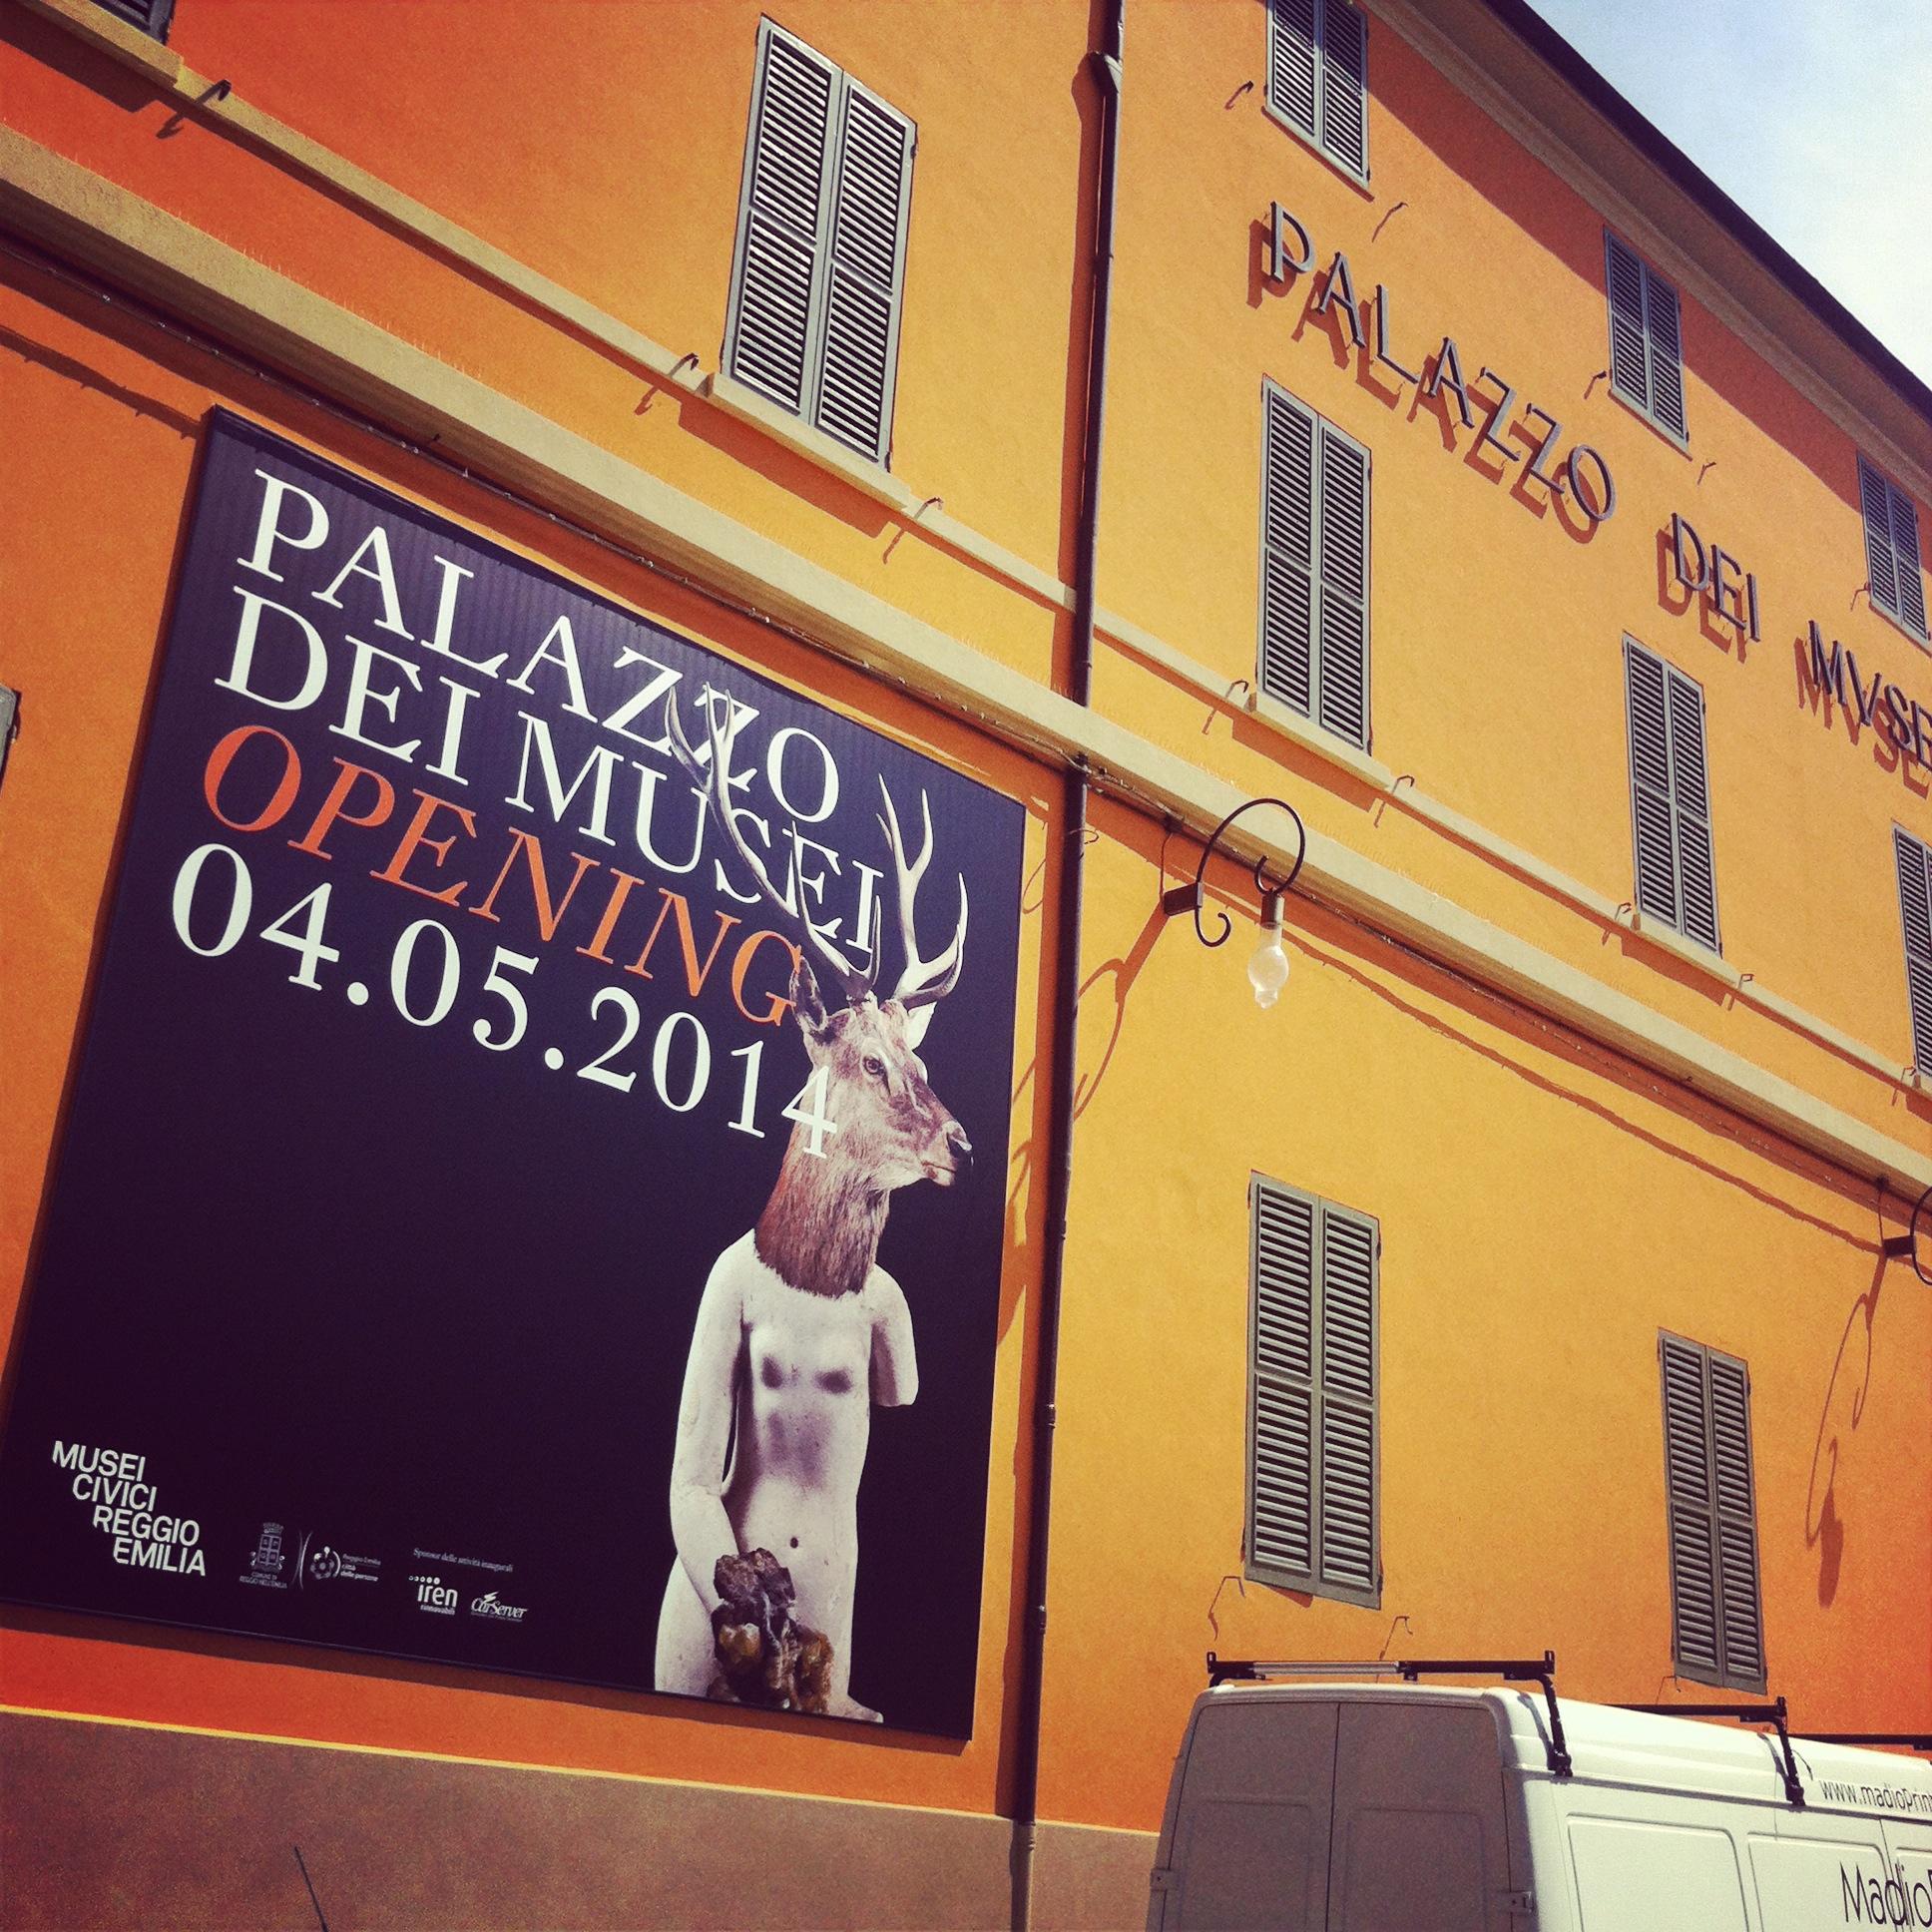 Palazzo-dei-Musei